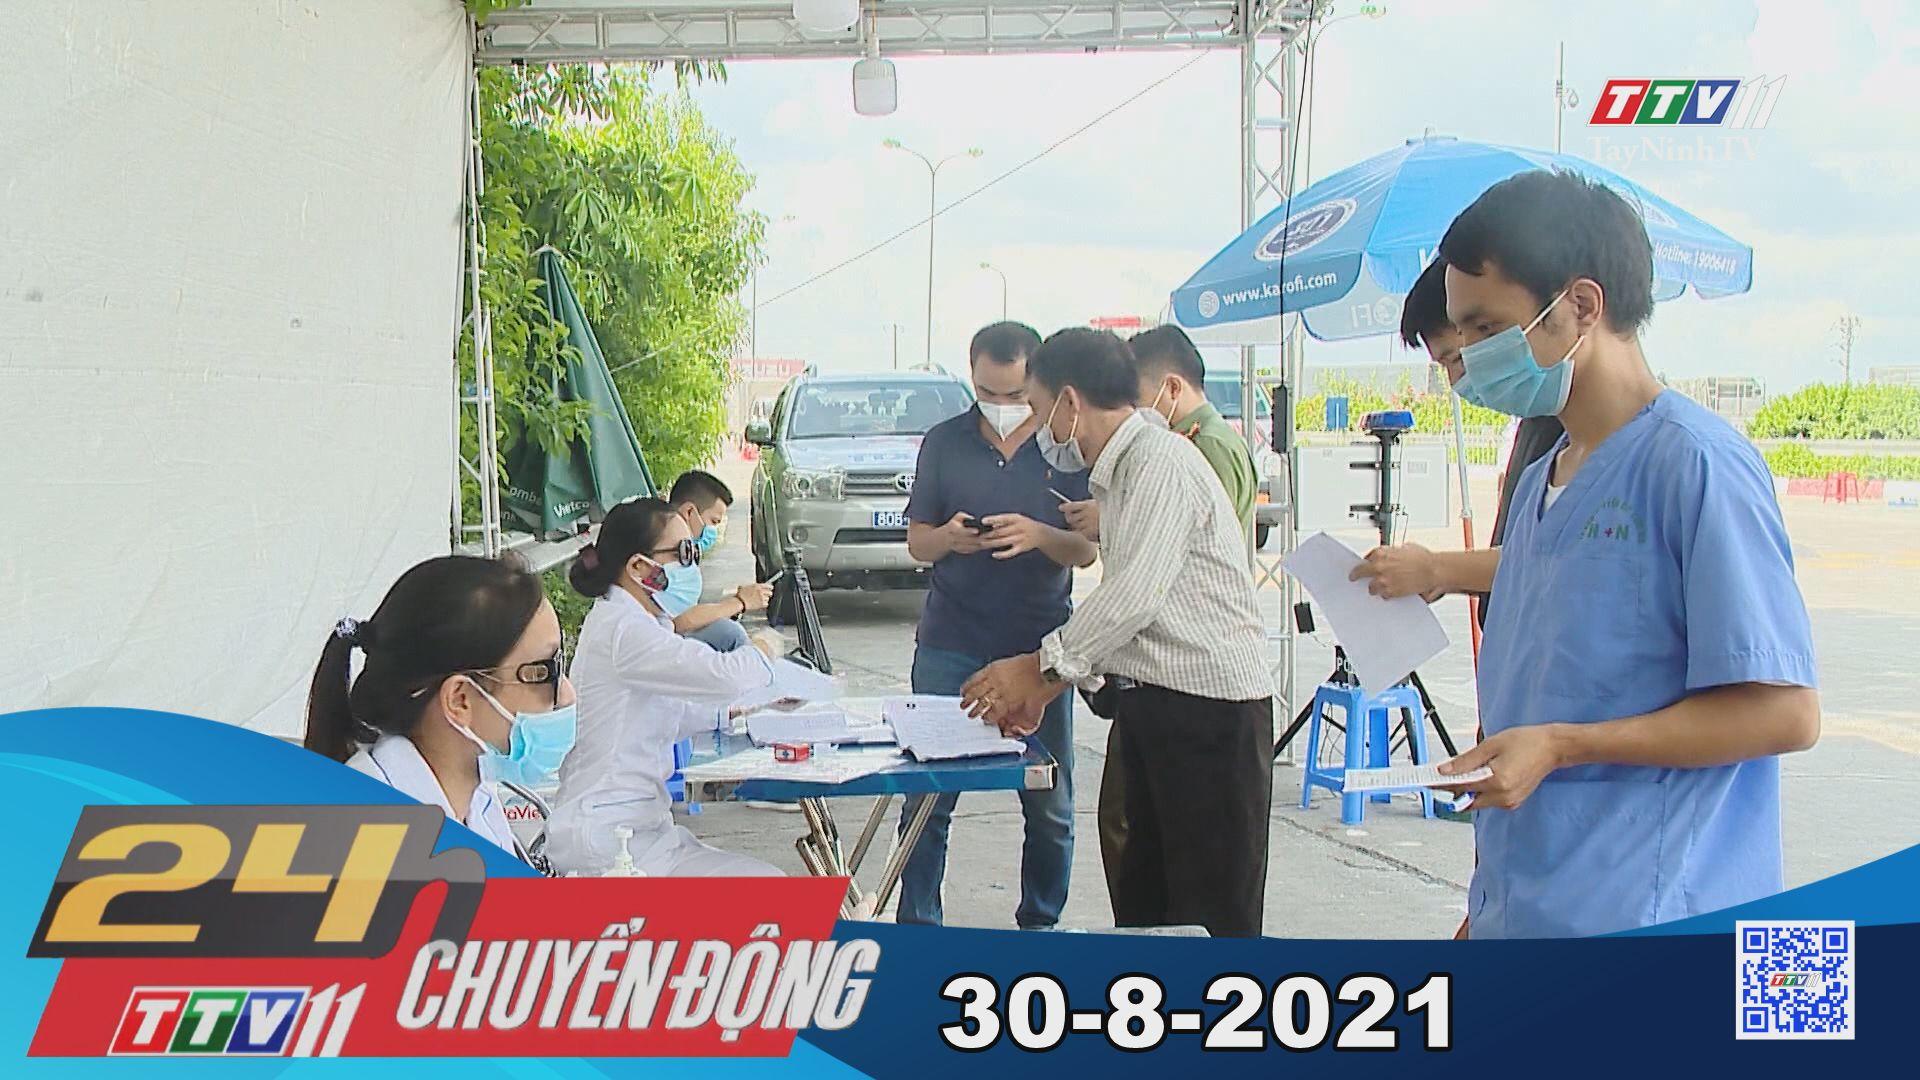 24h Chuyển động 30-8-2021 | Tin tức hôm nay | TayNinhTV